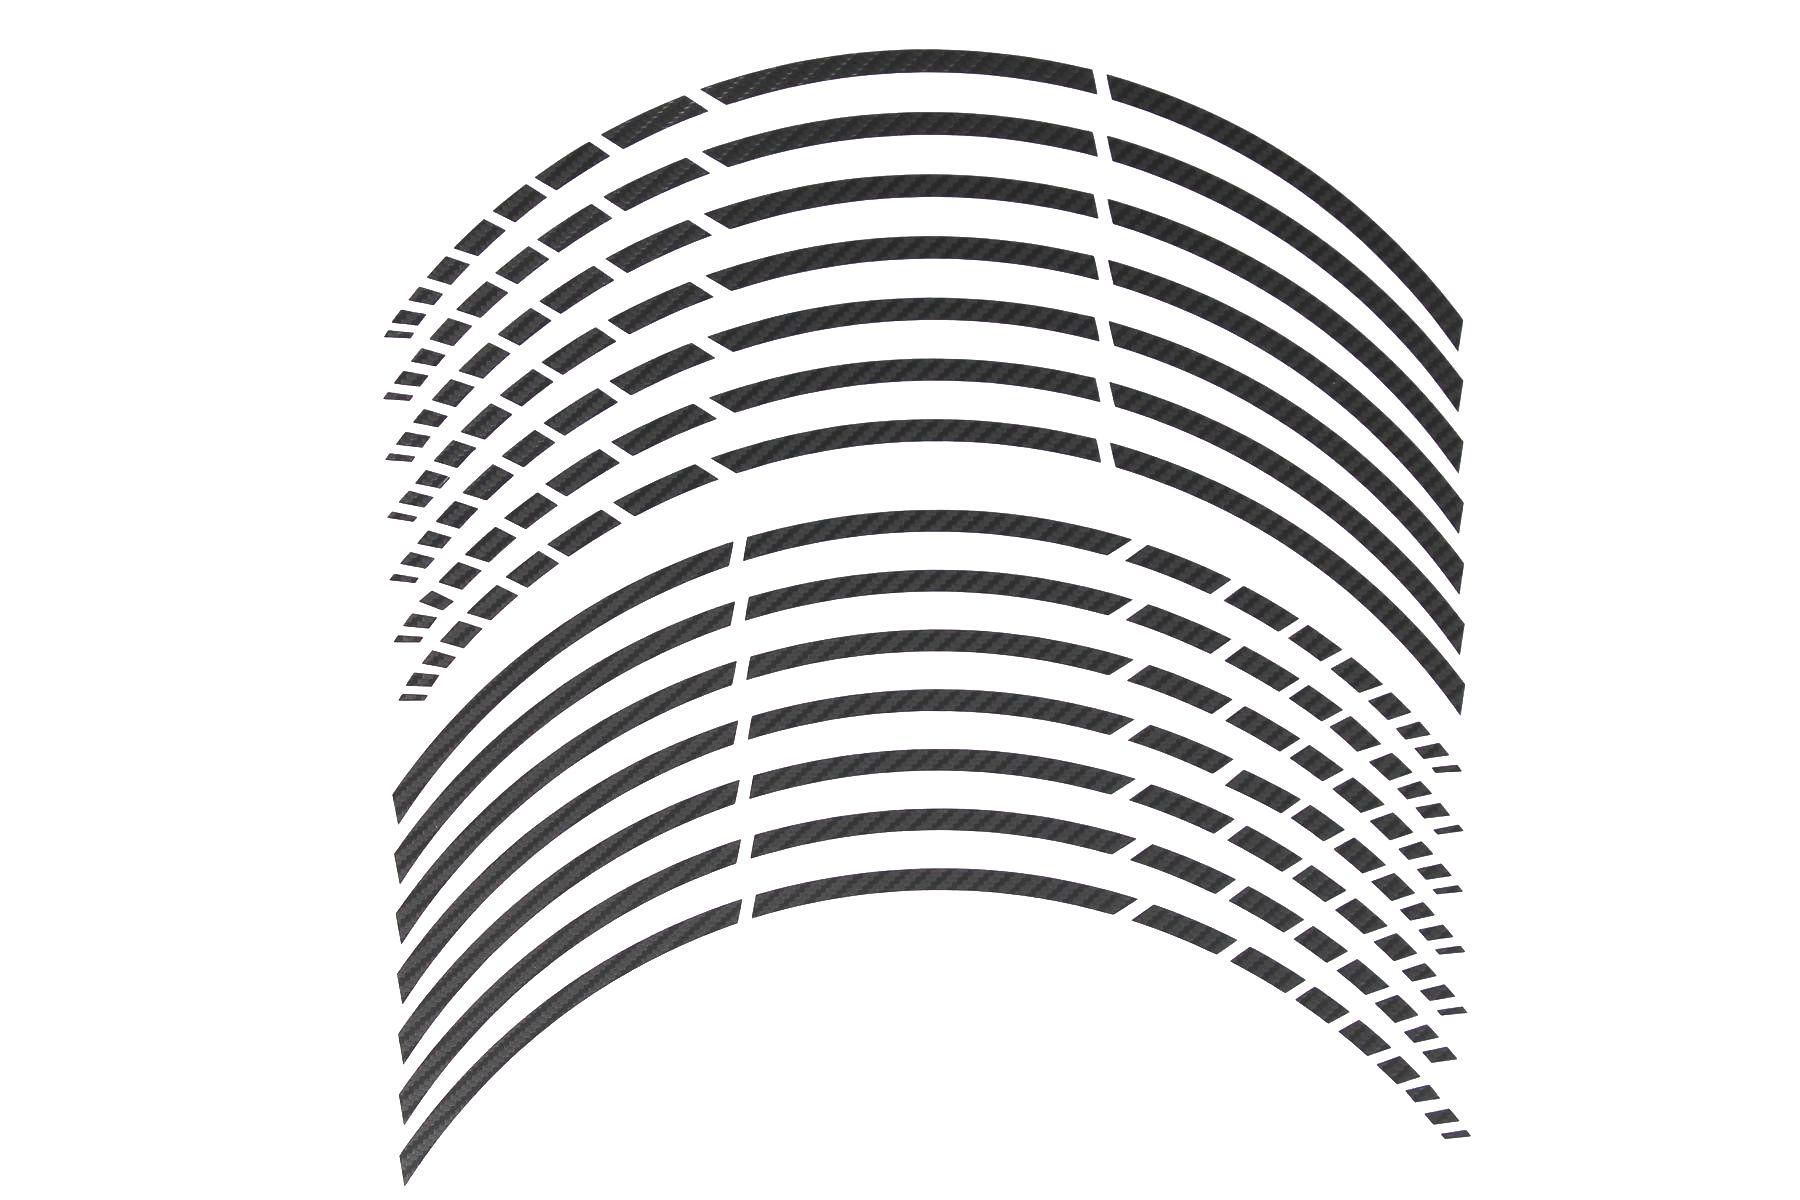 Gp 17 Felgenaufkleber In Der Farbe Carbon Schwarz